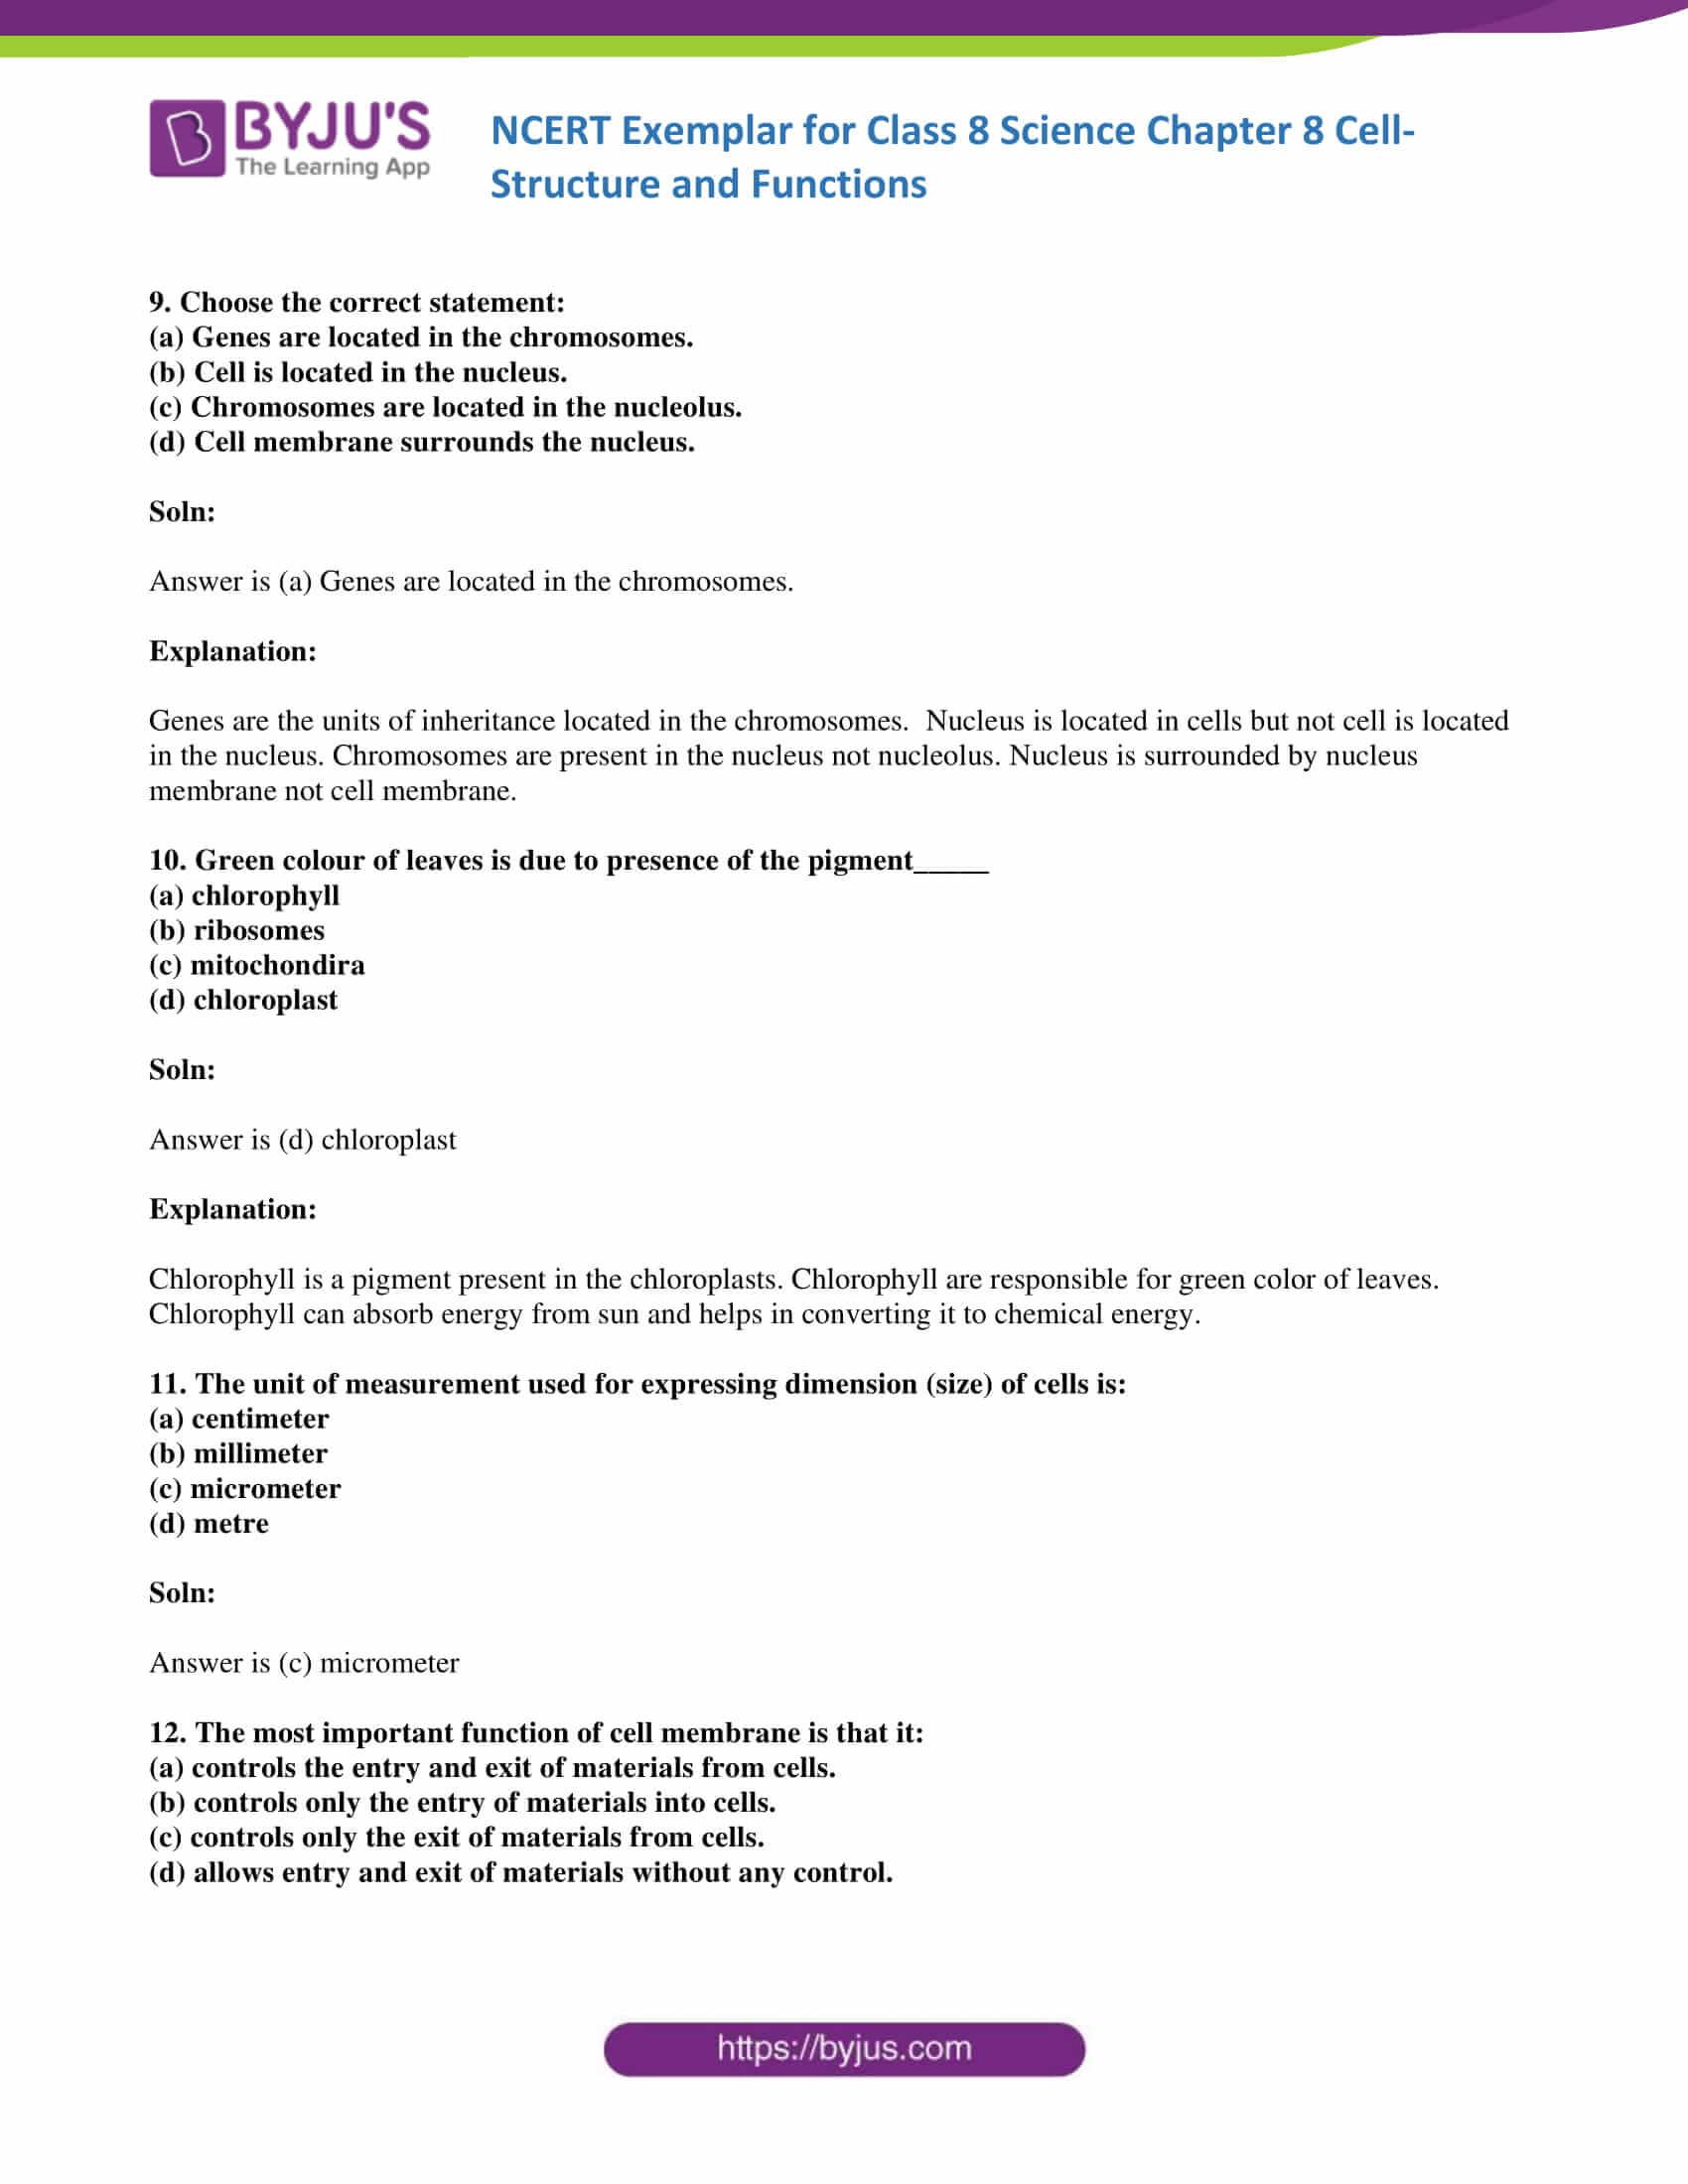 NCERT Exemplar solution class 8 Science Chapter 8 04